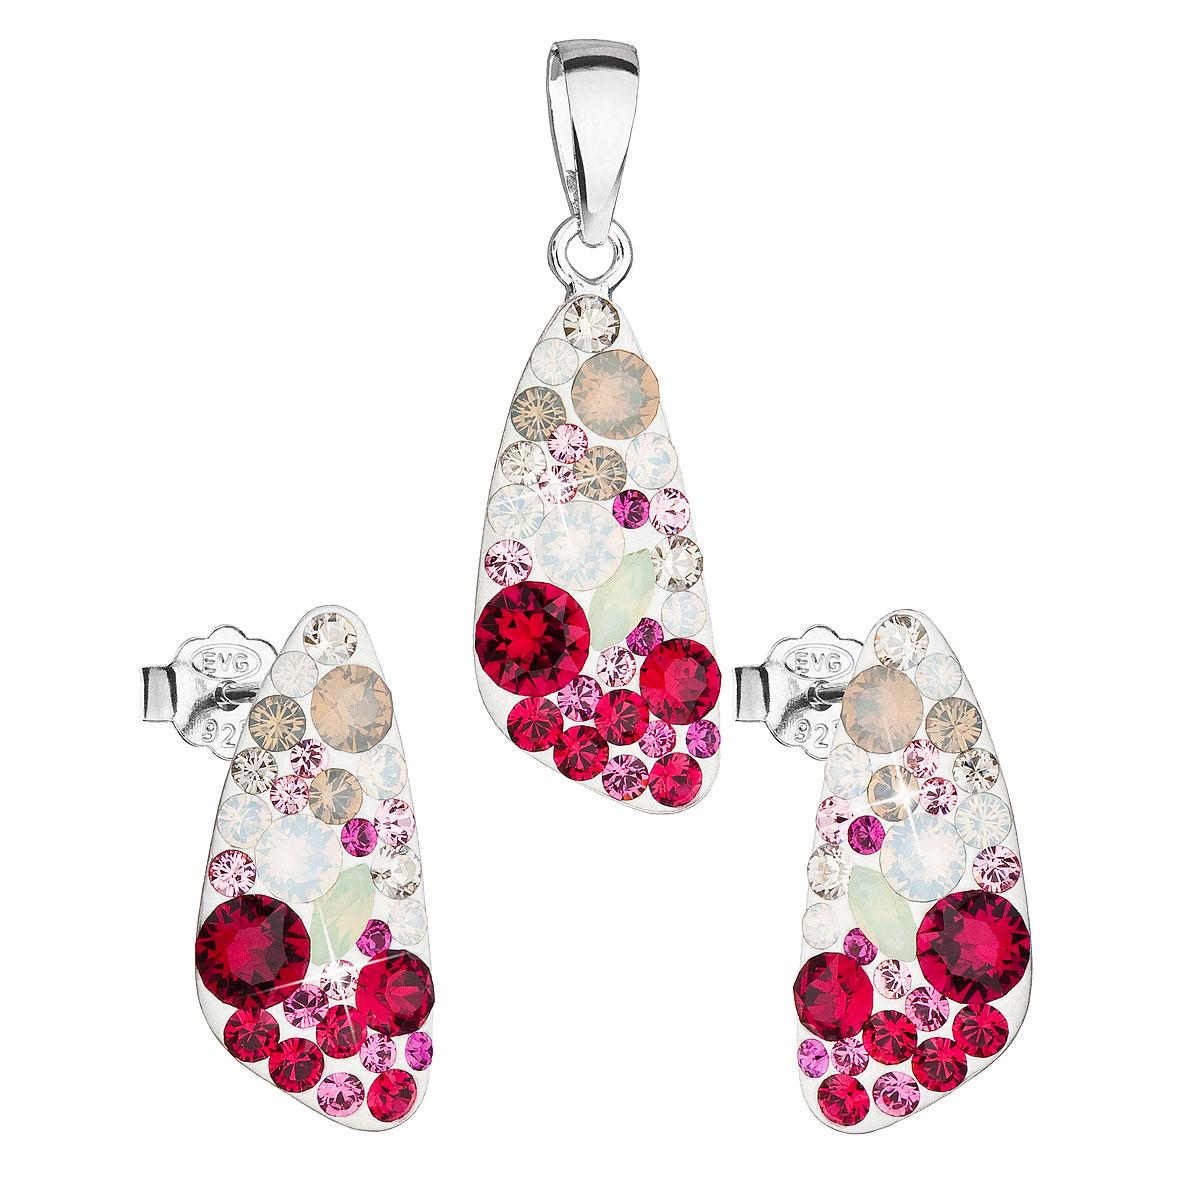 Evolution Group Sada šperků s krystaly Swarovski náušnice a přívěsek mix barev 39167.3 sweet love